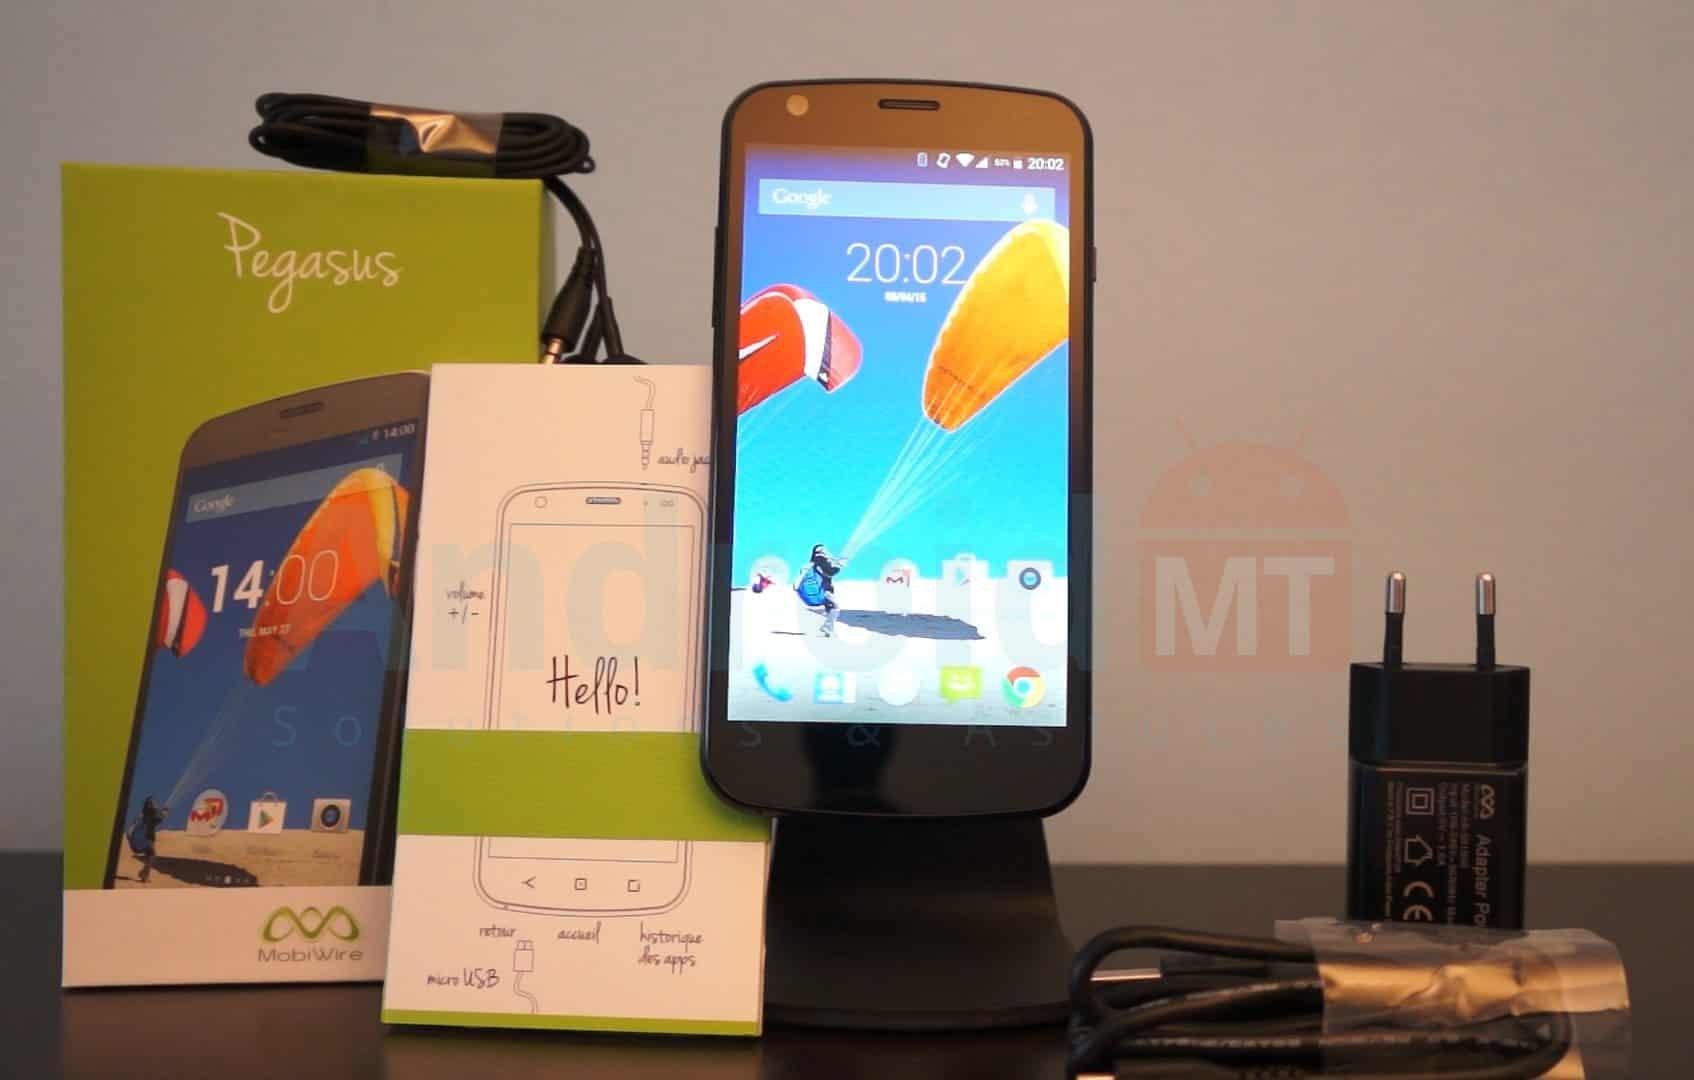 Test du MobiWire Pegasus : un smartphone 4G élégant à ...